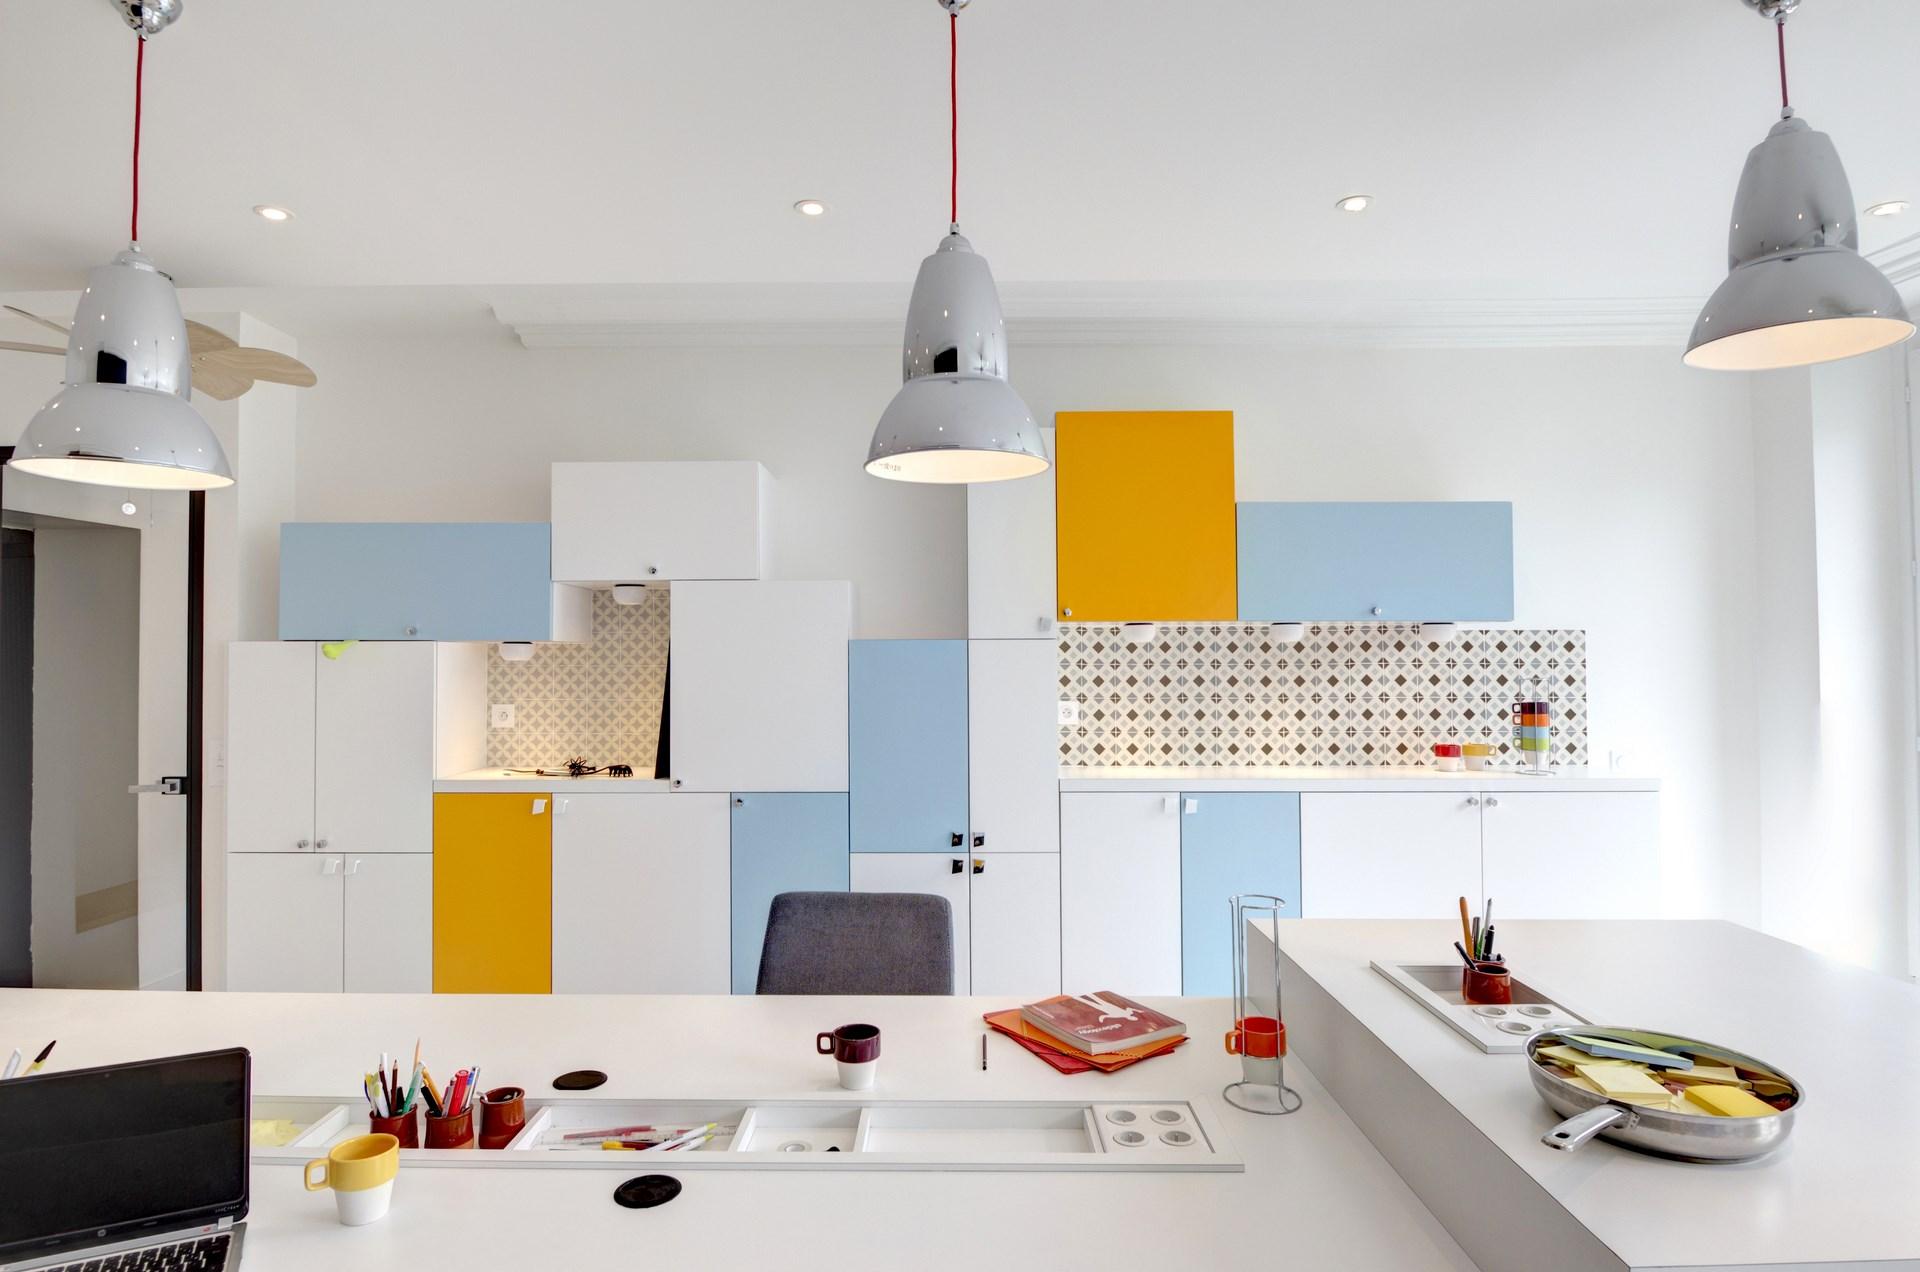 concept renovation bureau ambiance cuisine egger agence avous